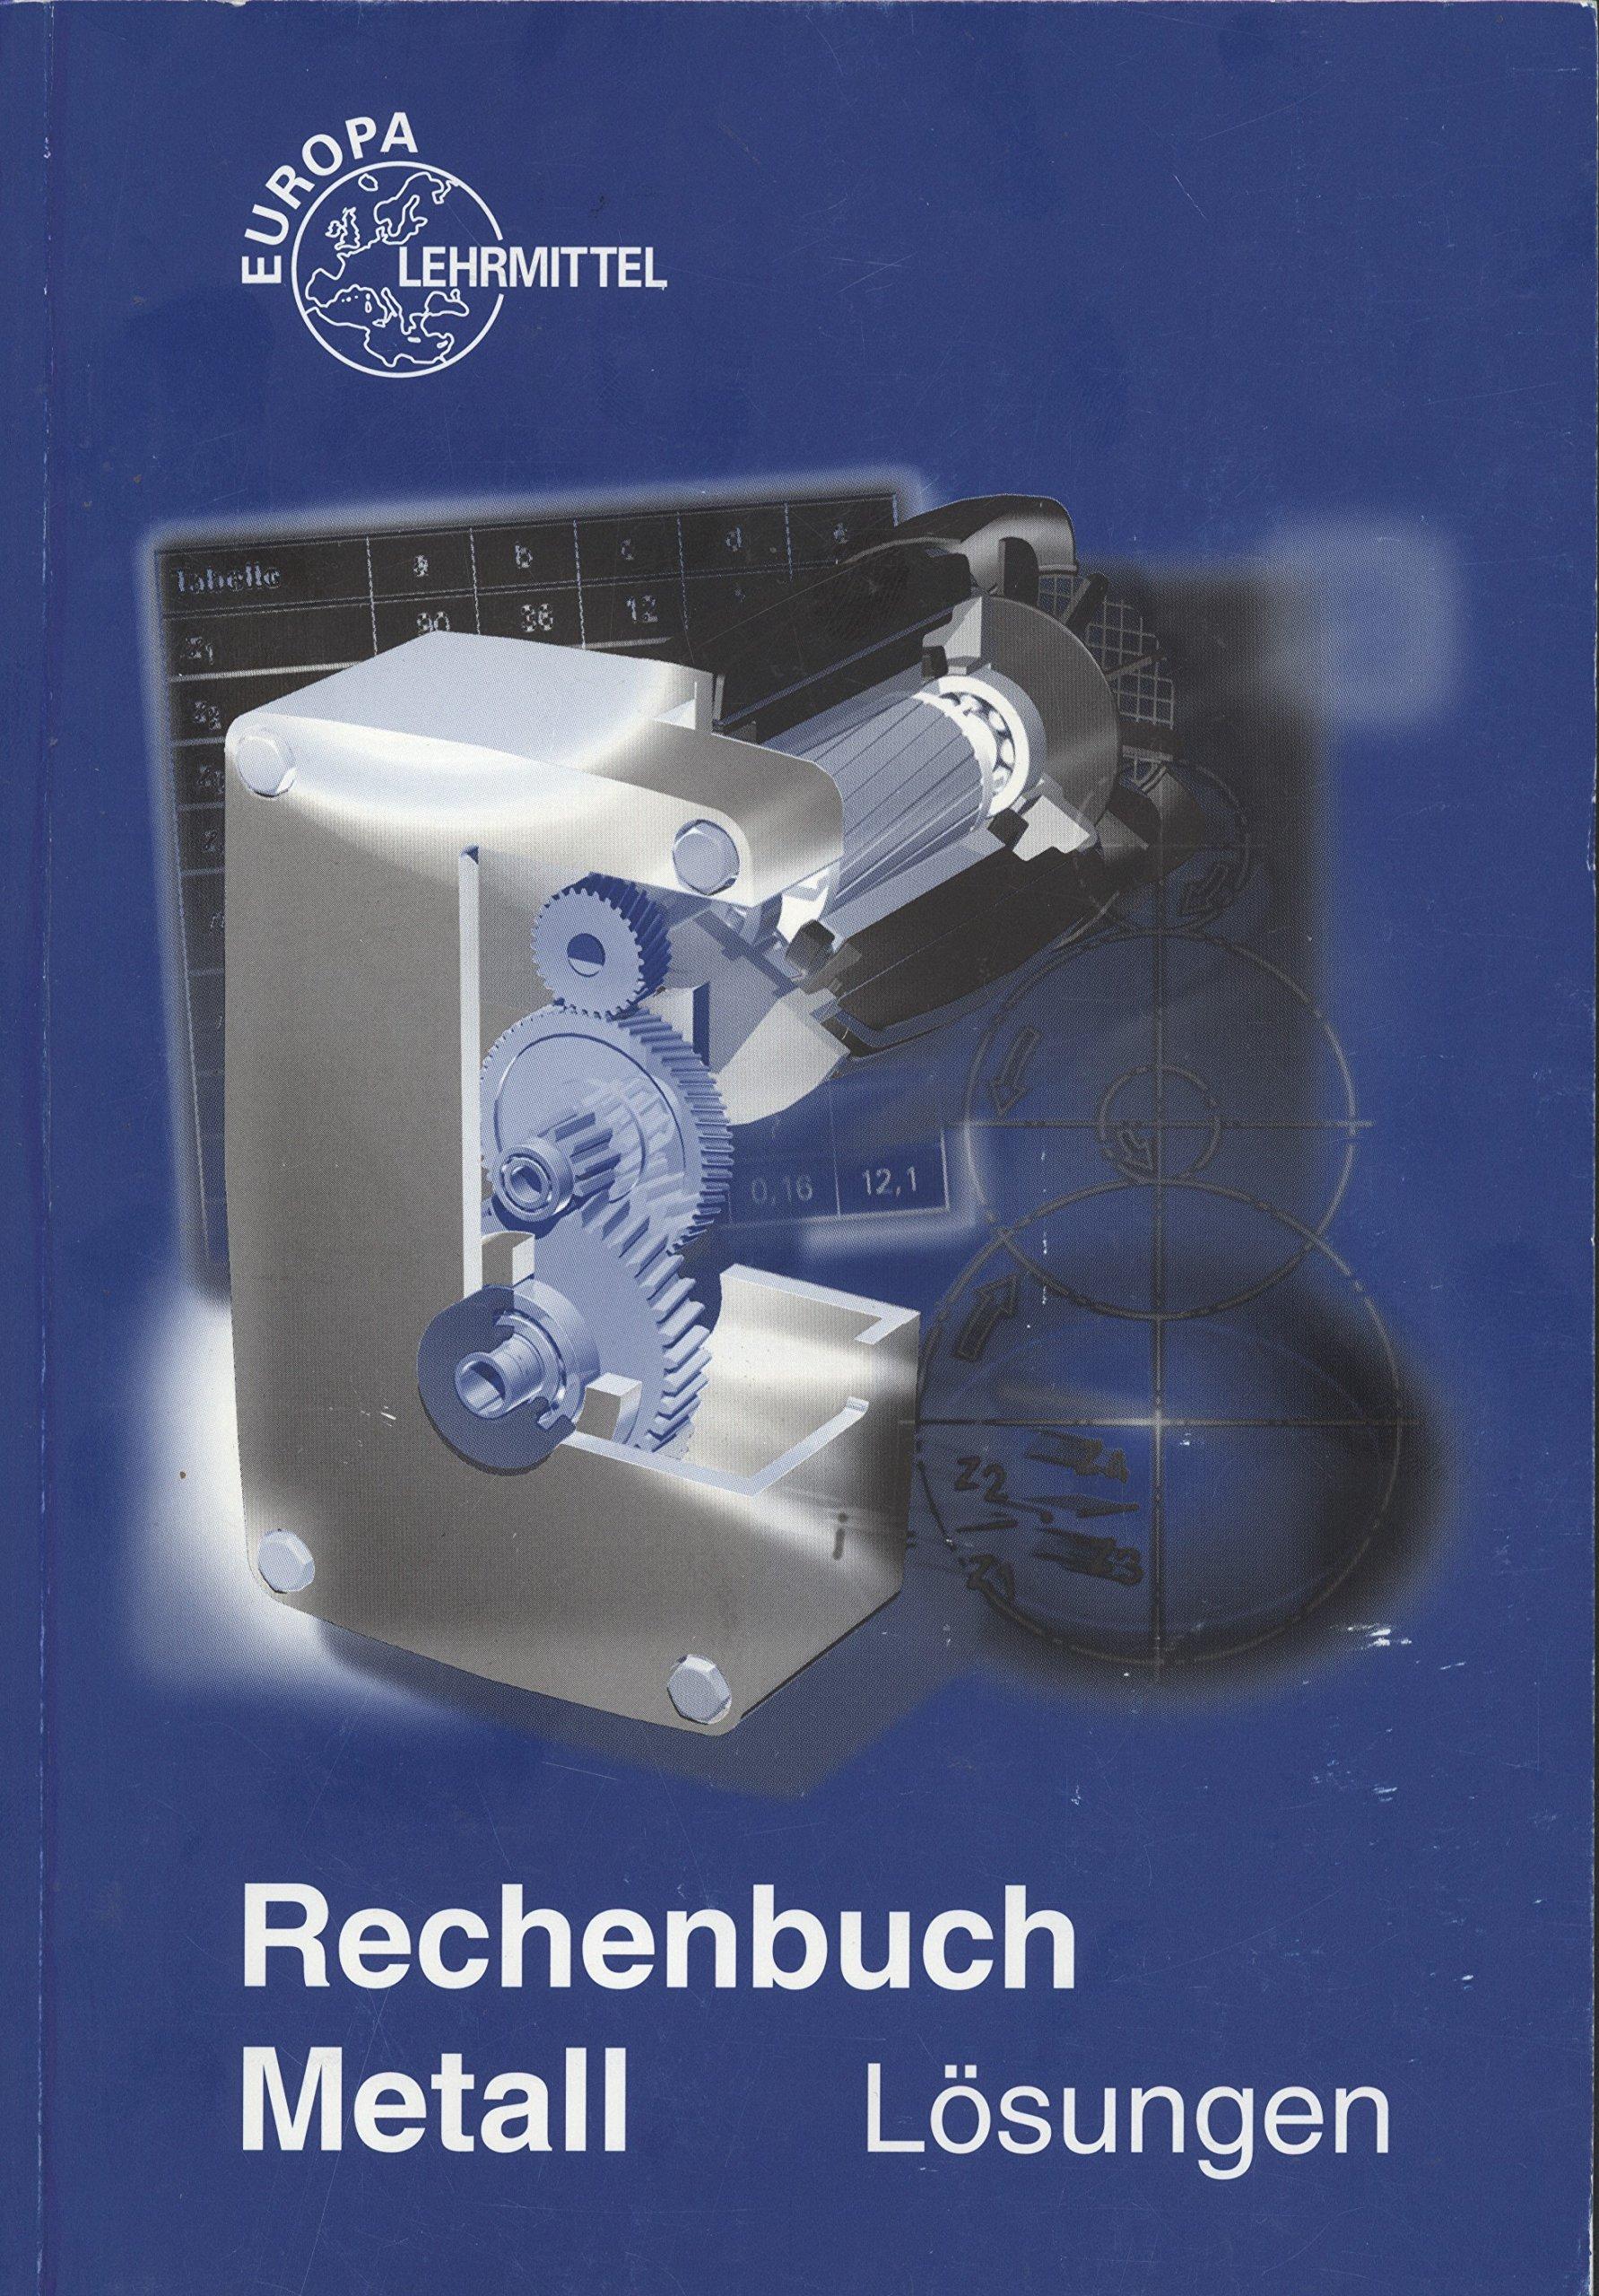 Pdf] download rechenbuch metall / lösungen zu 10307 kostenlos.